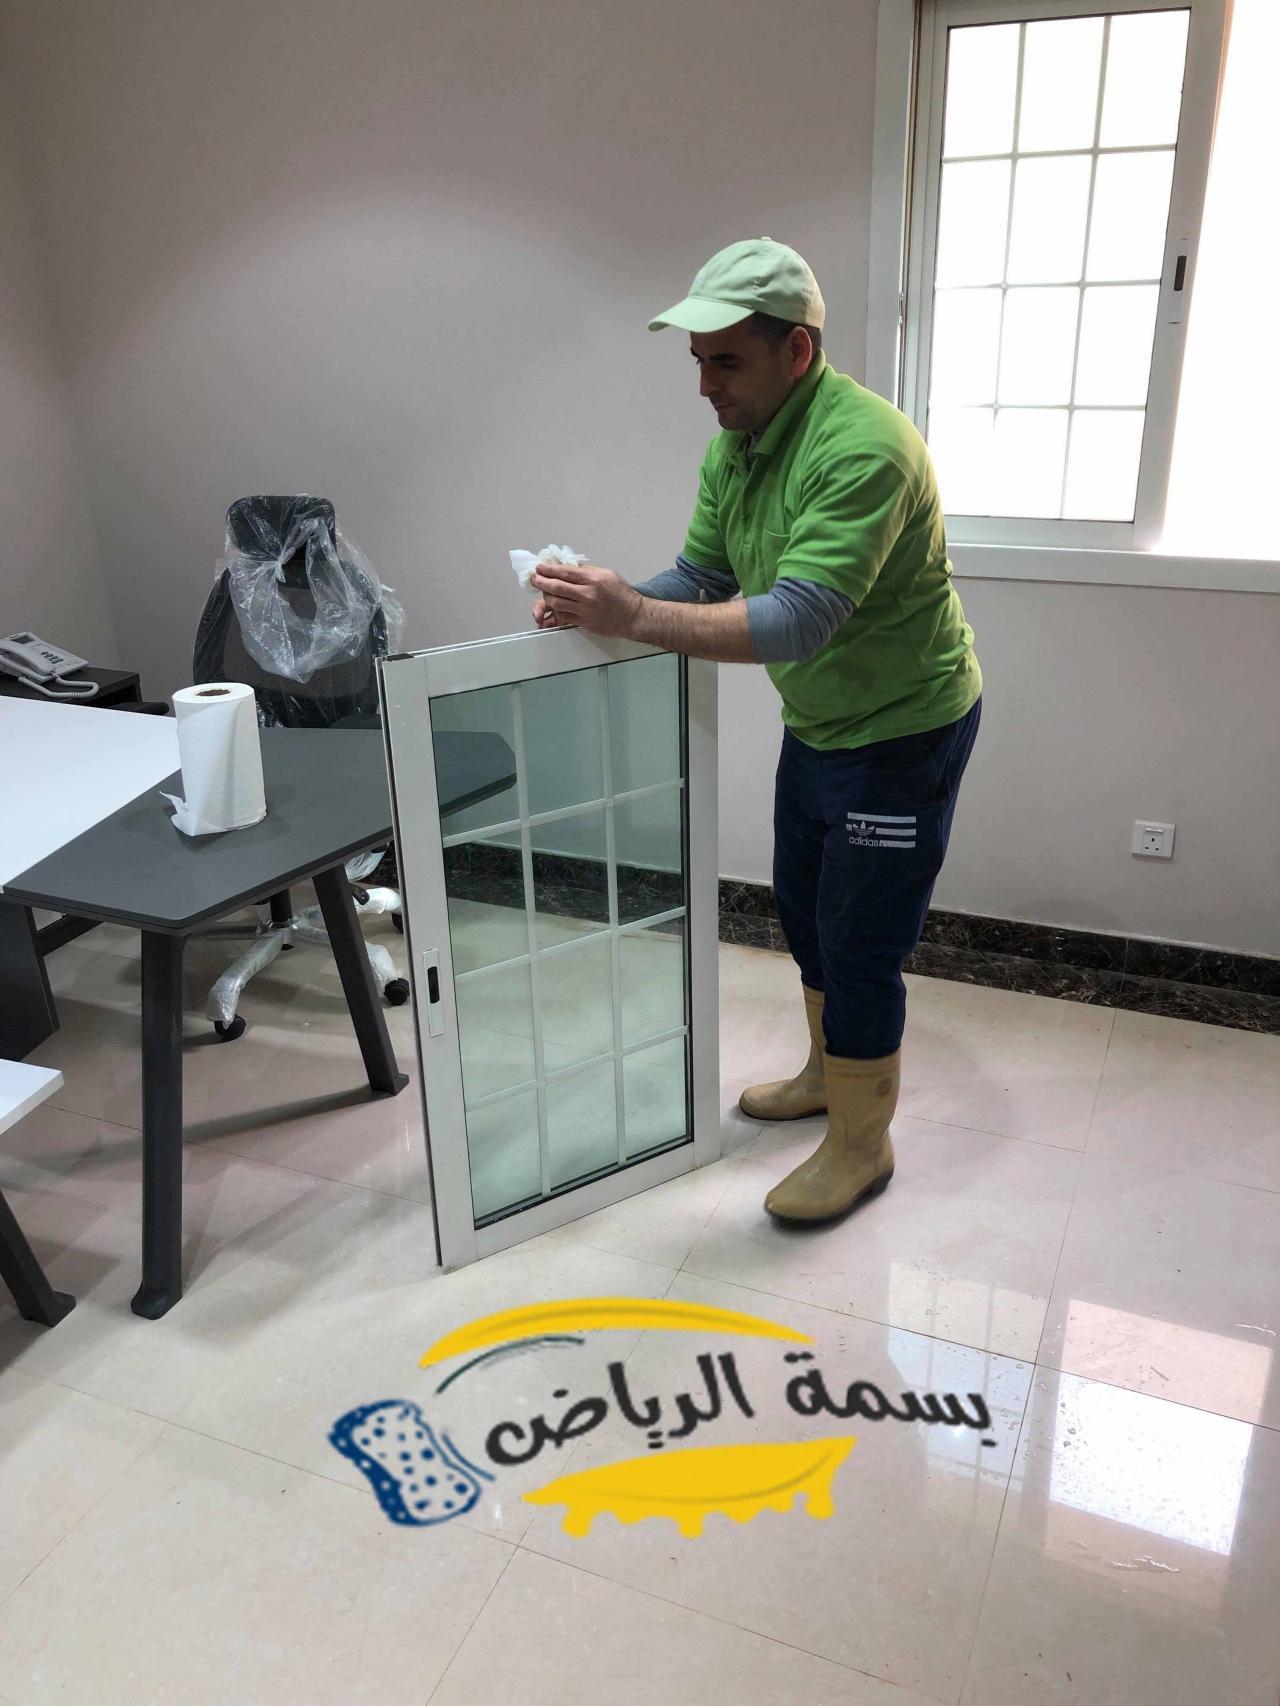 صورة رقم شركة تنظيف بالرياض , افضل شركات التنظيف في الرياض